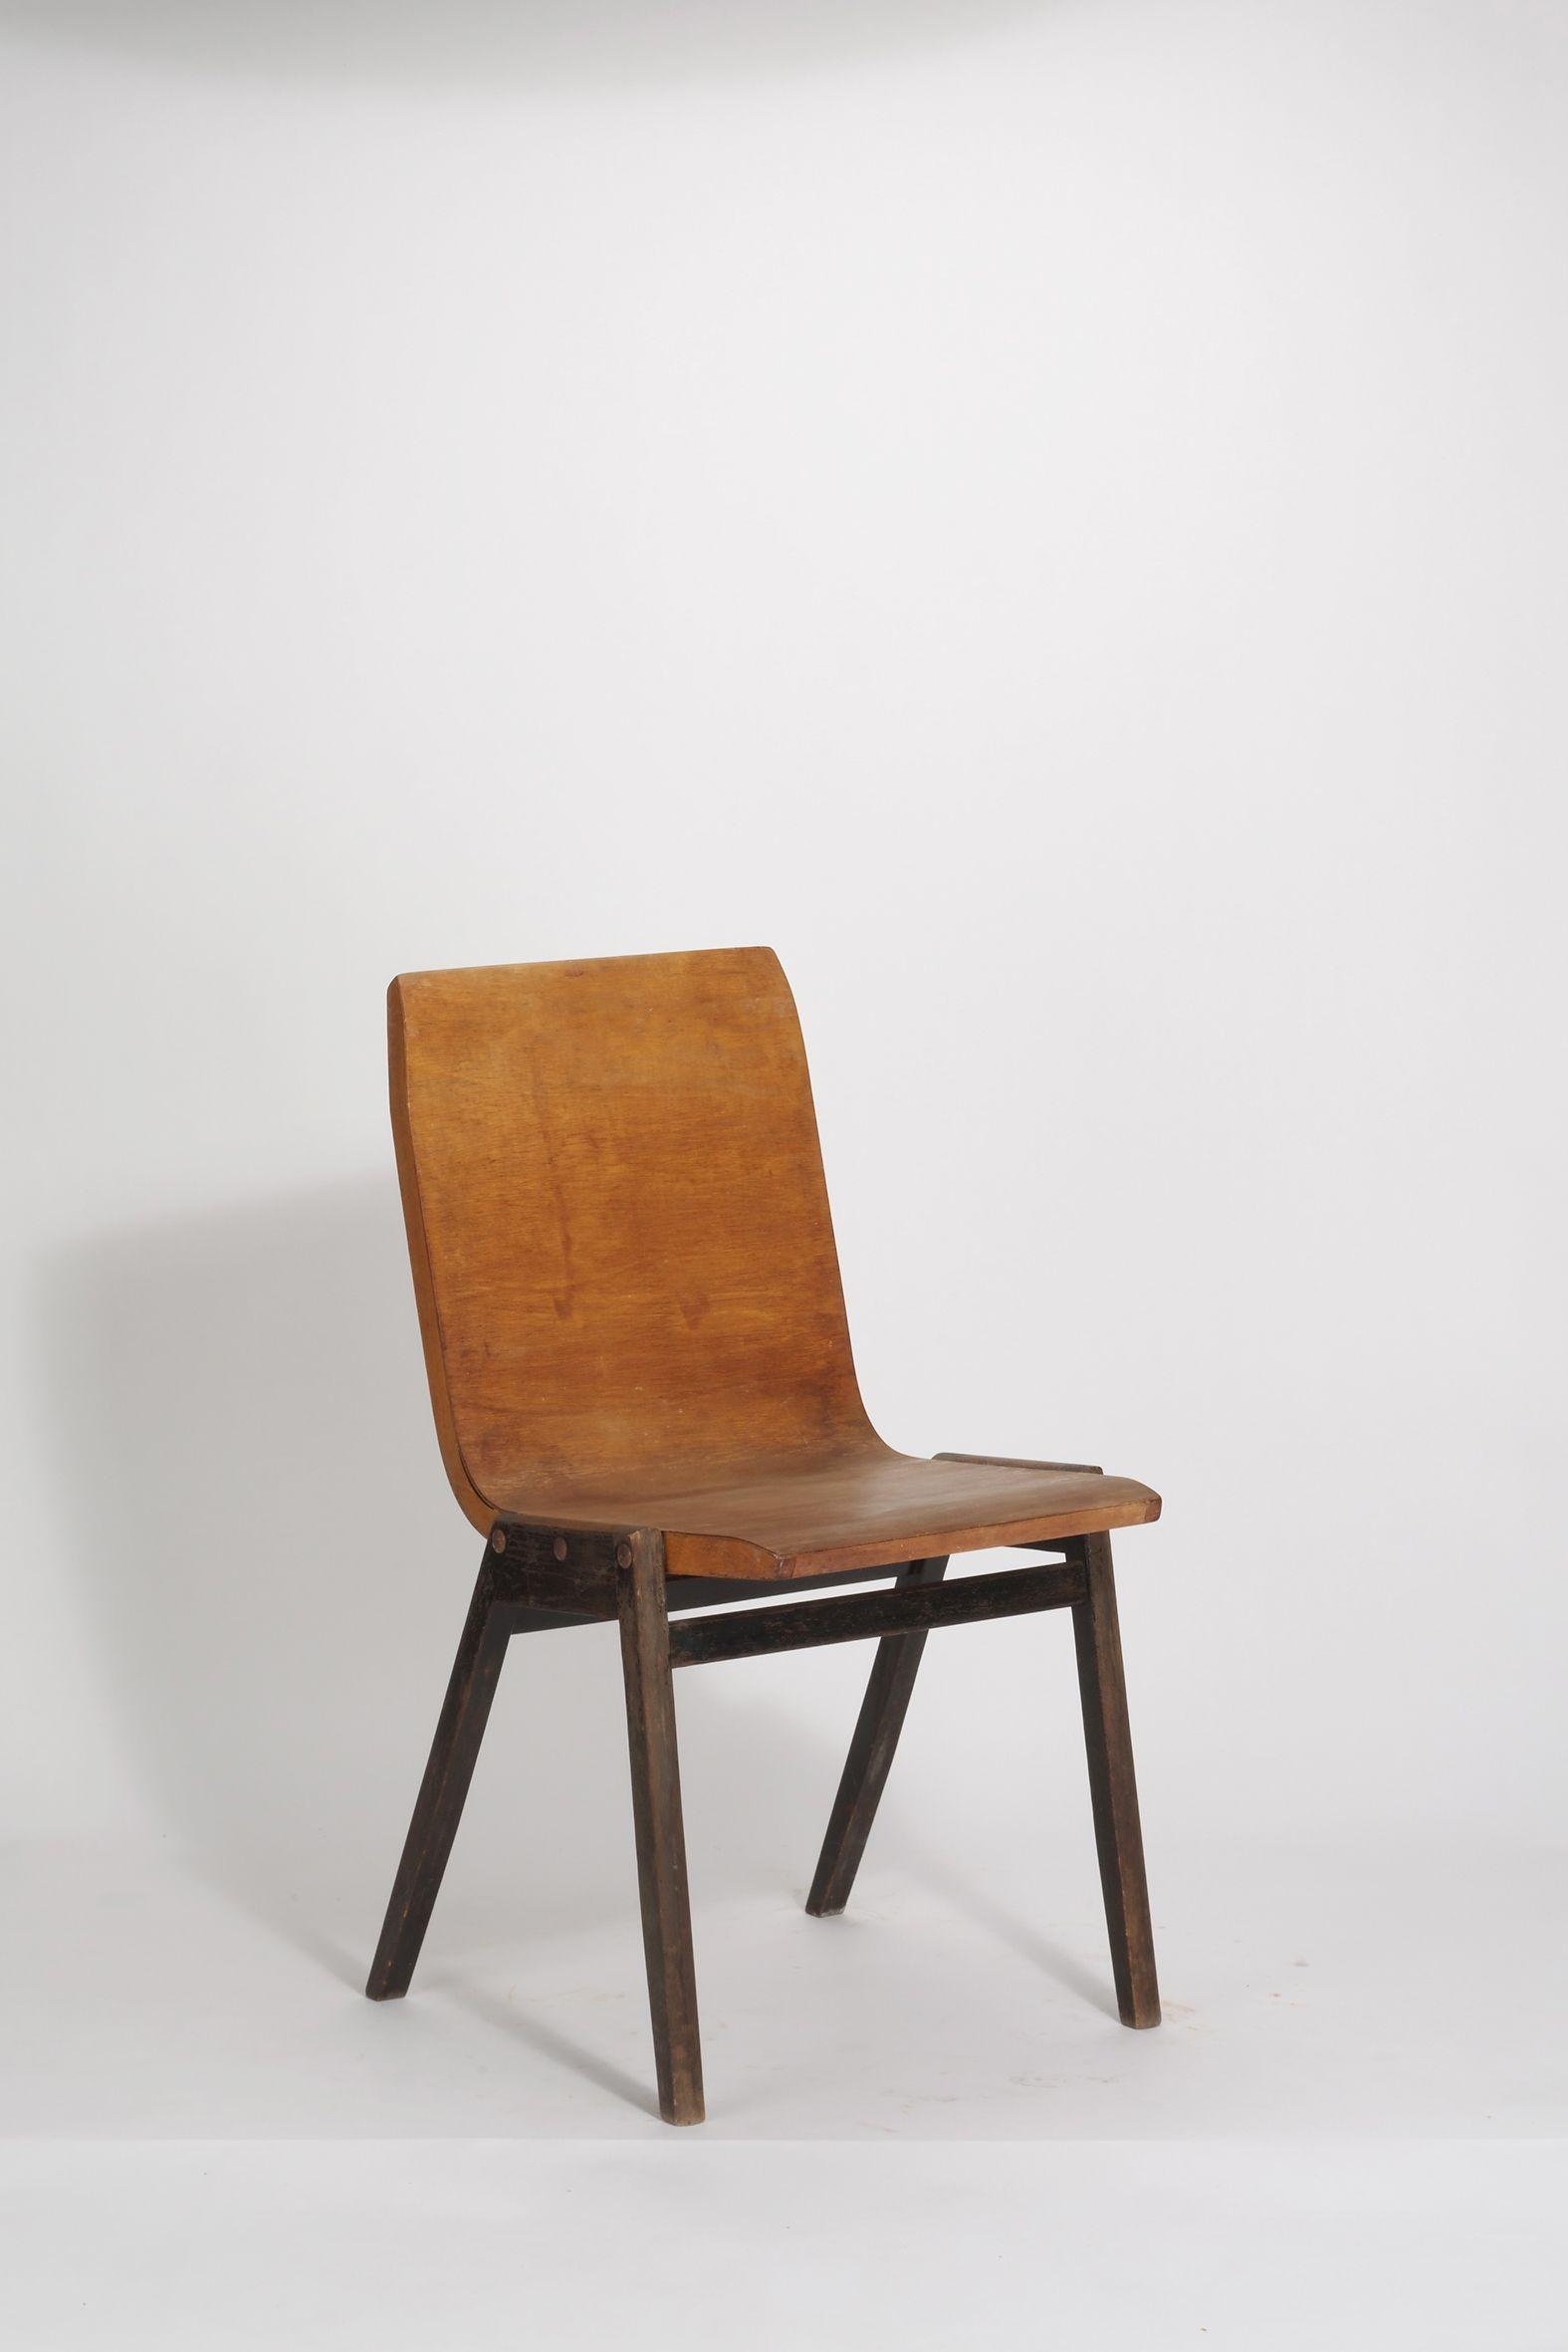 Wood Roland Chair1950Modernes möbeldesign Rainer; Side nwOPXk80